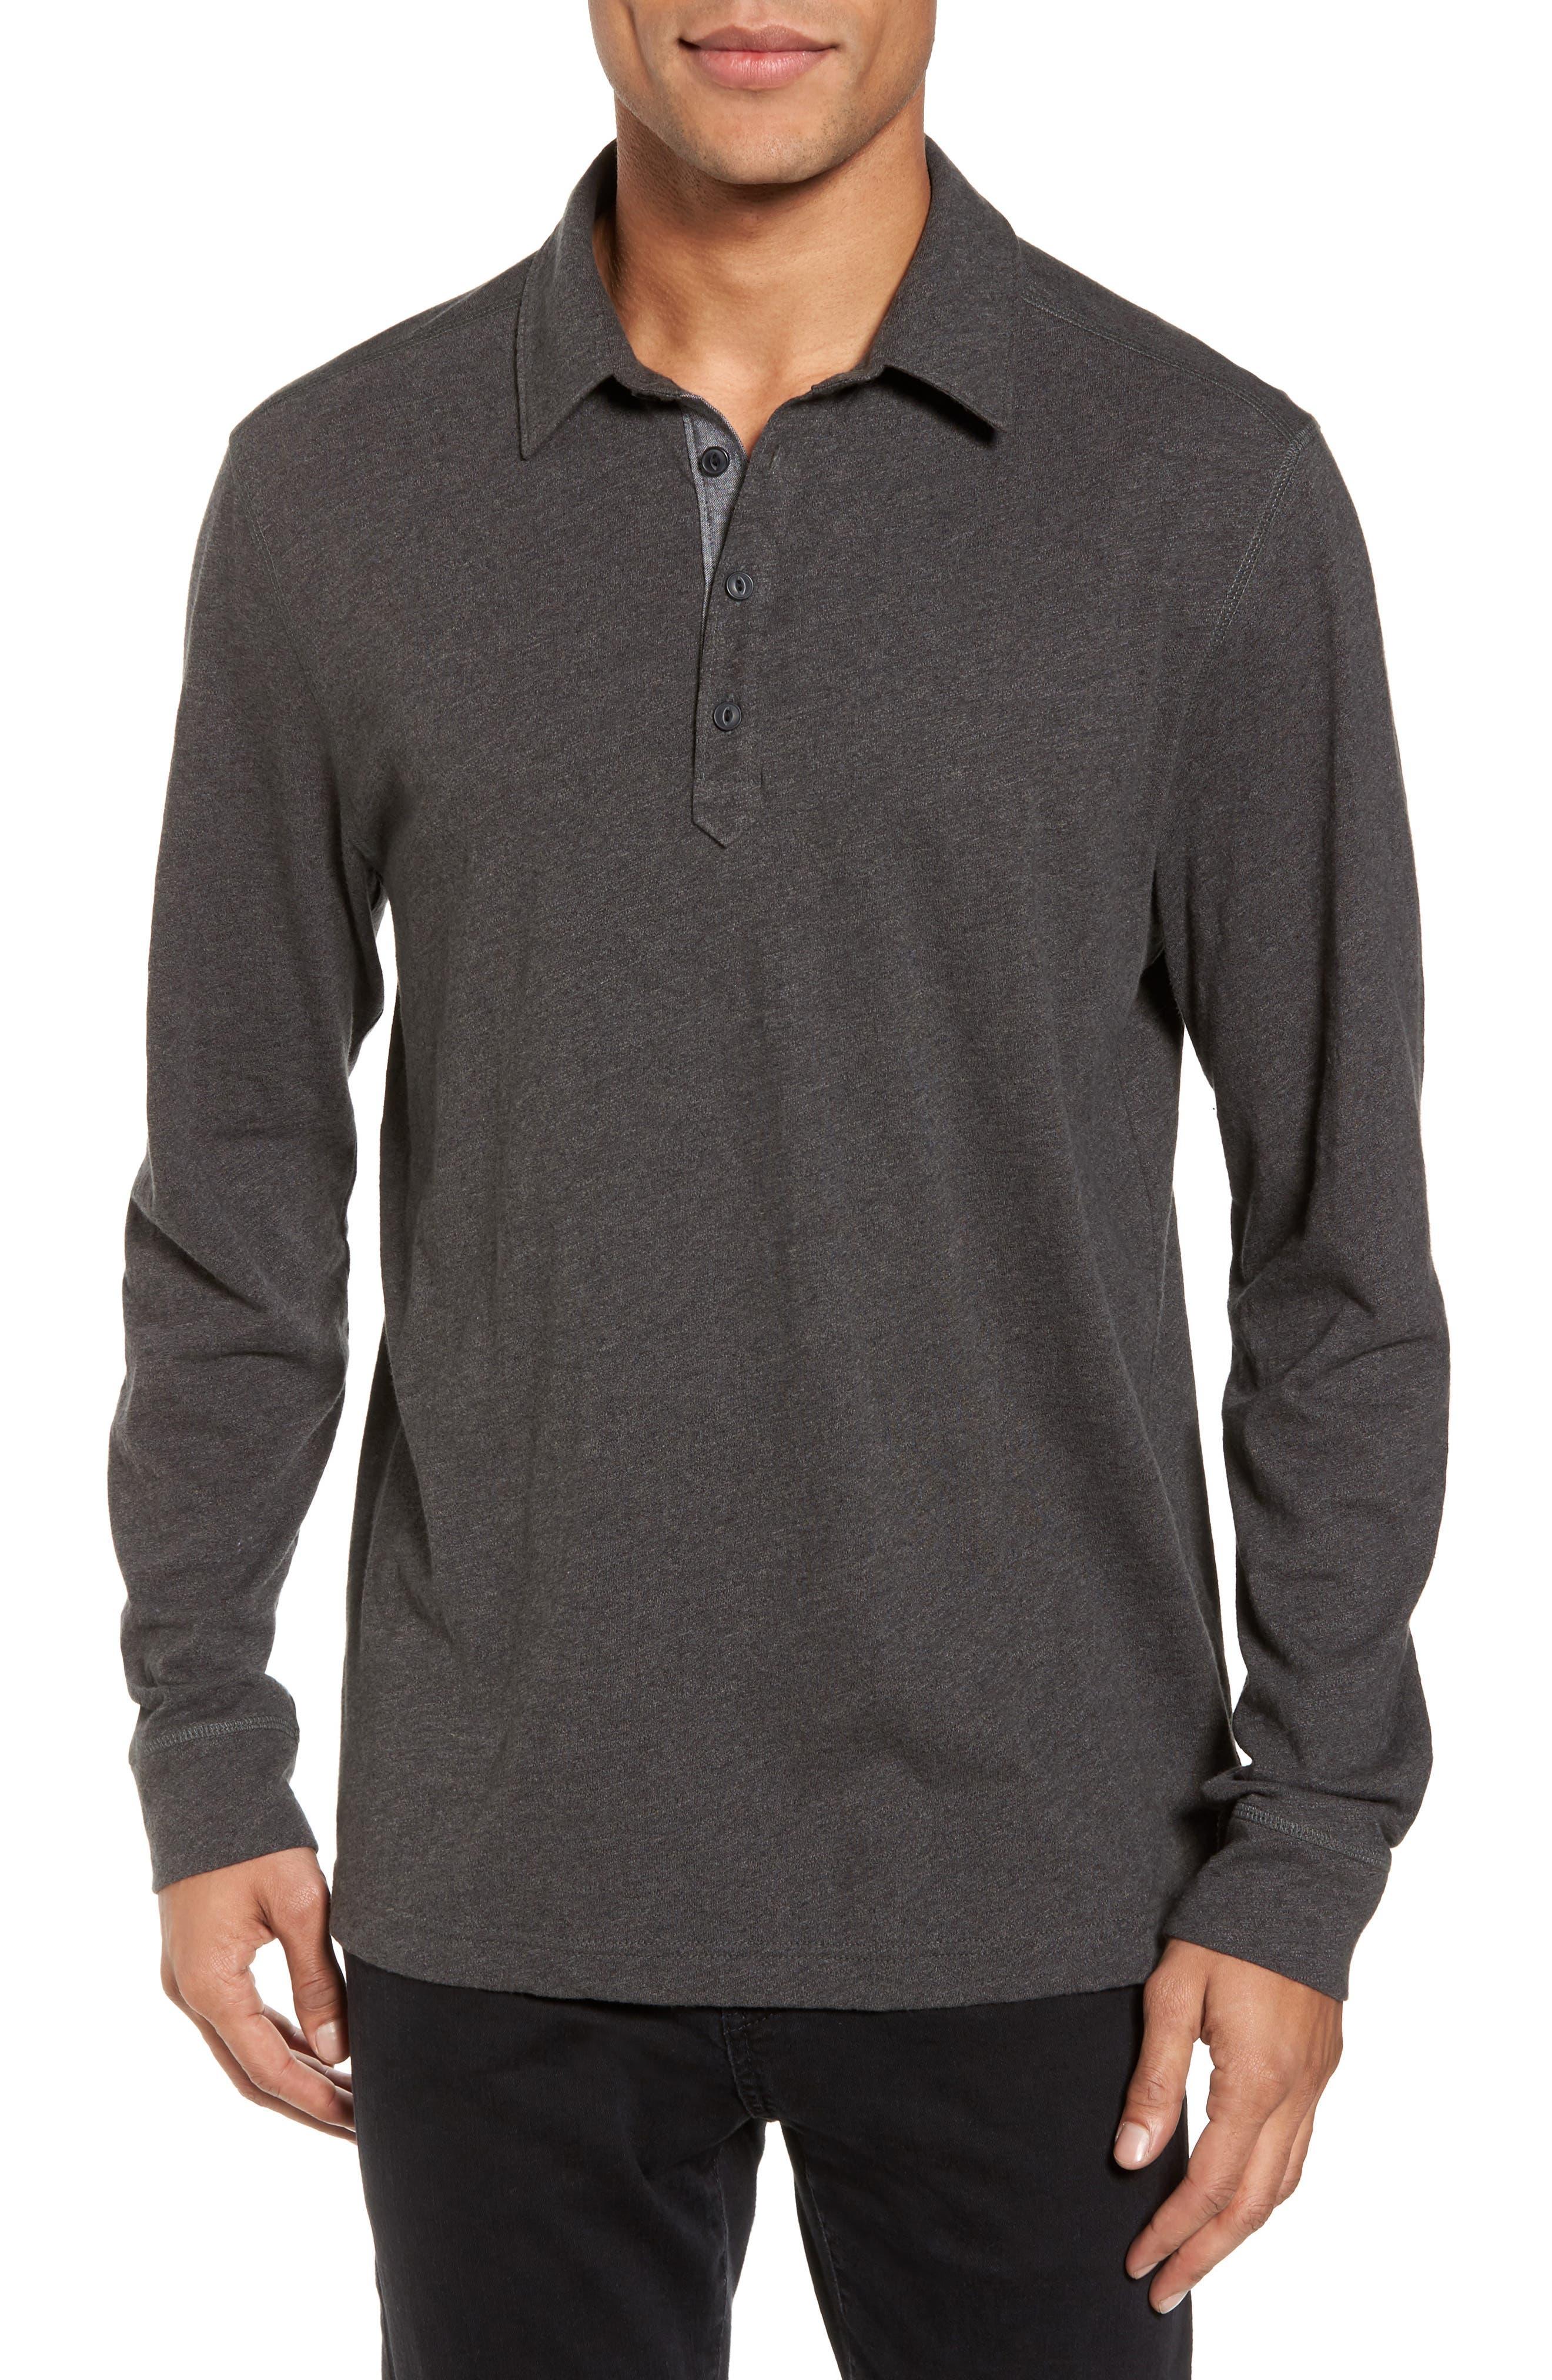 Nordstrom Men's Shop Long Sleeve Polo